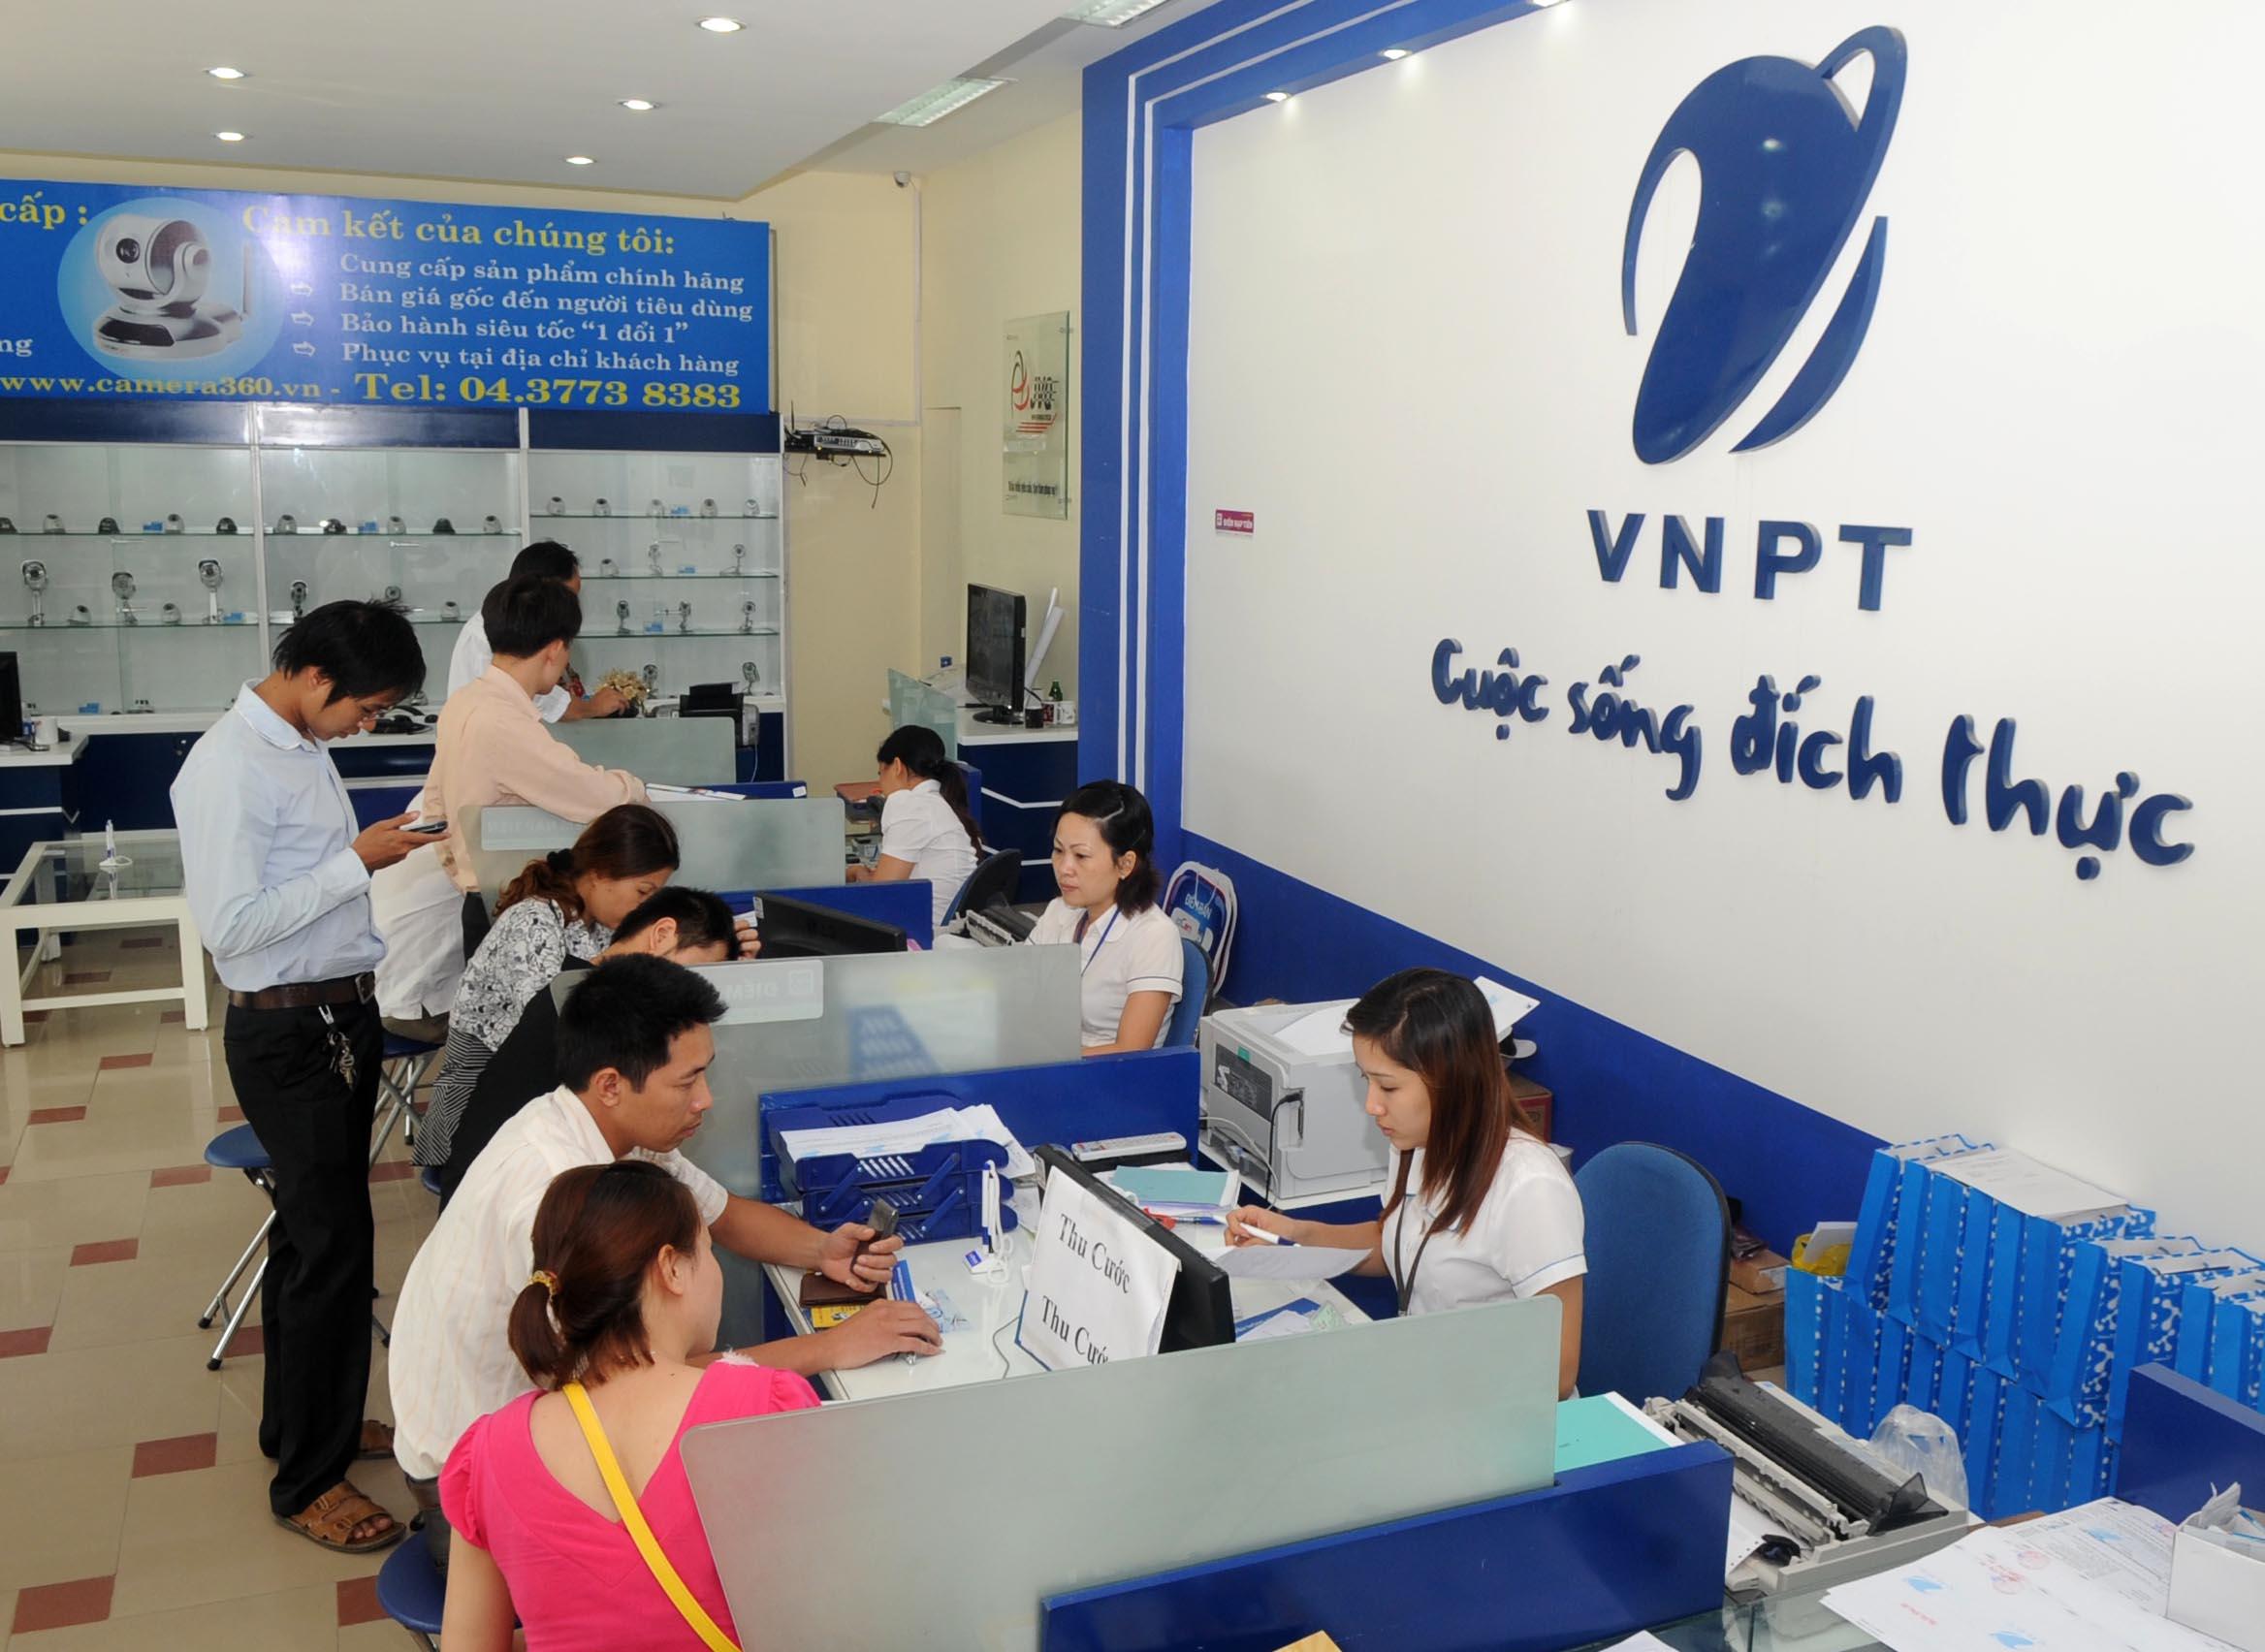 Danh sách 63 công ty VNPT phải thoái toàn bộ vốn